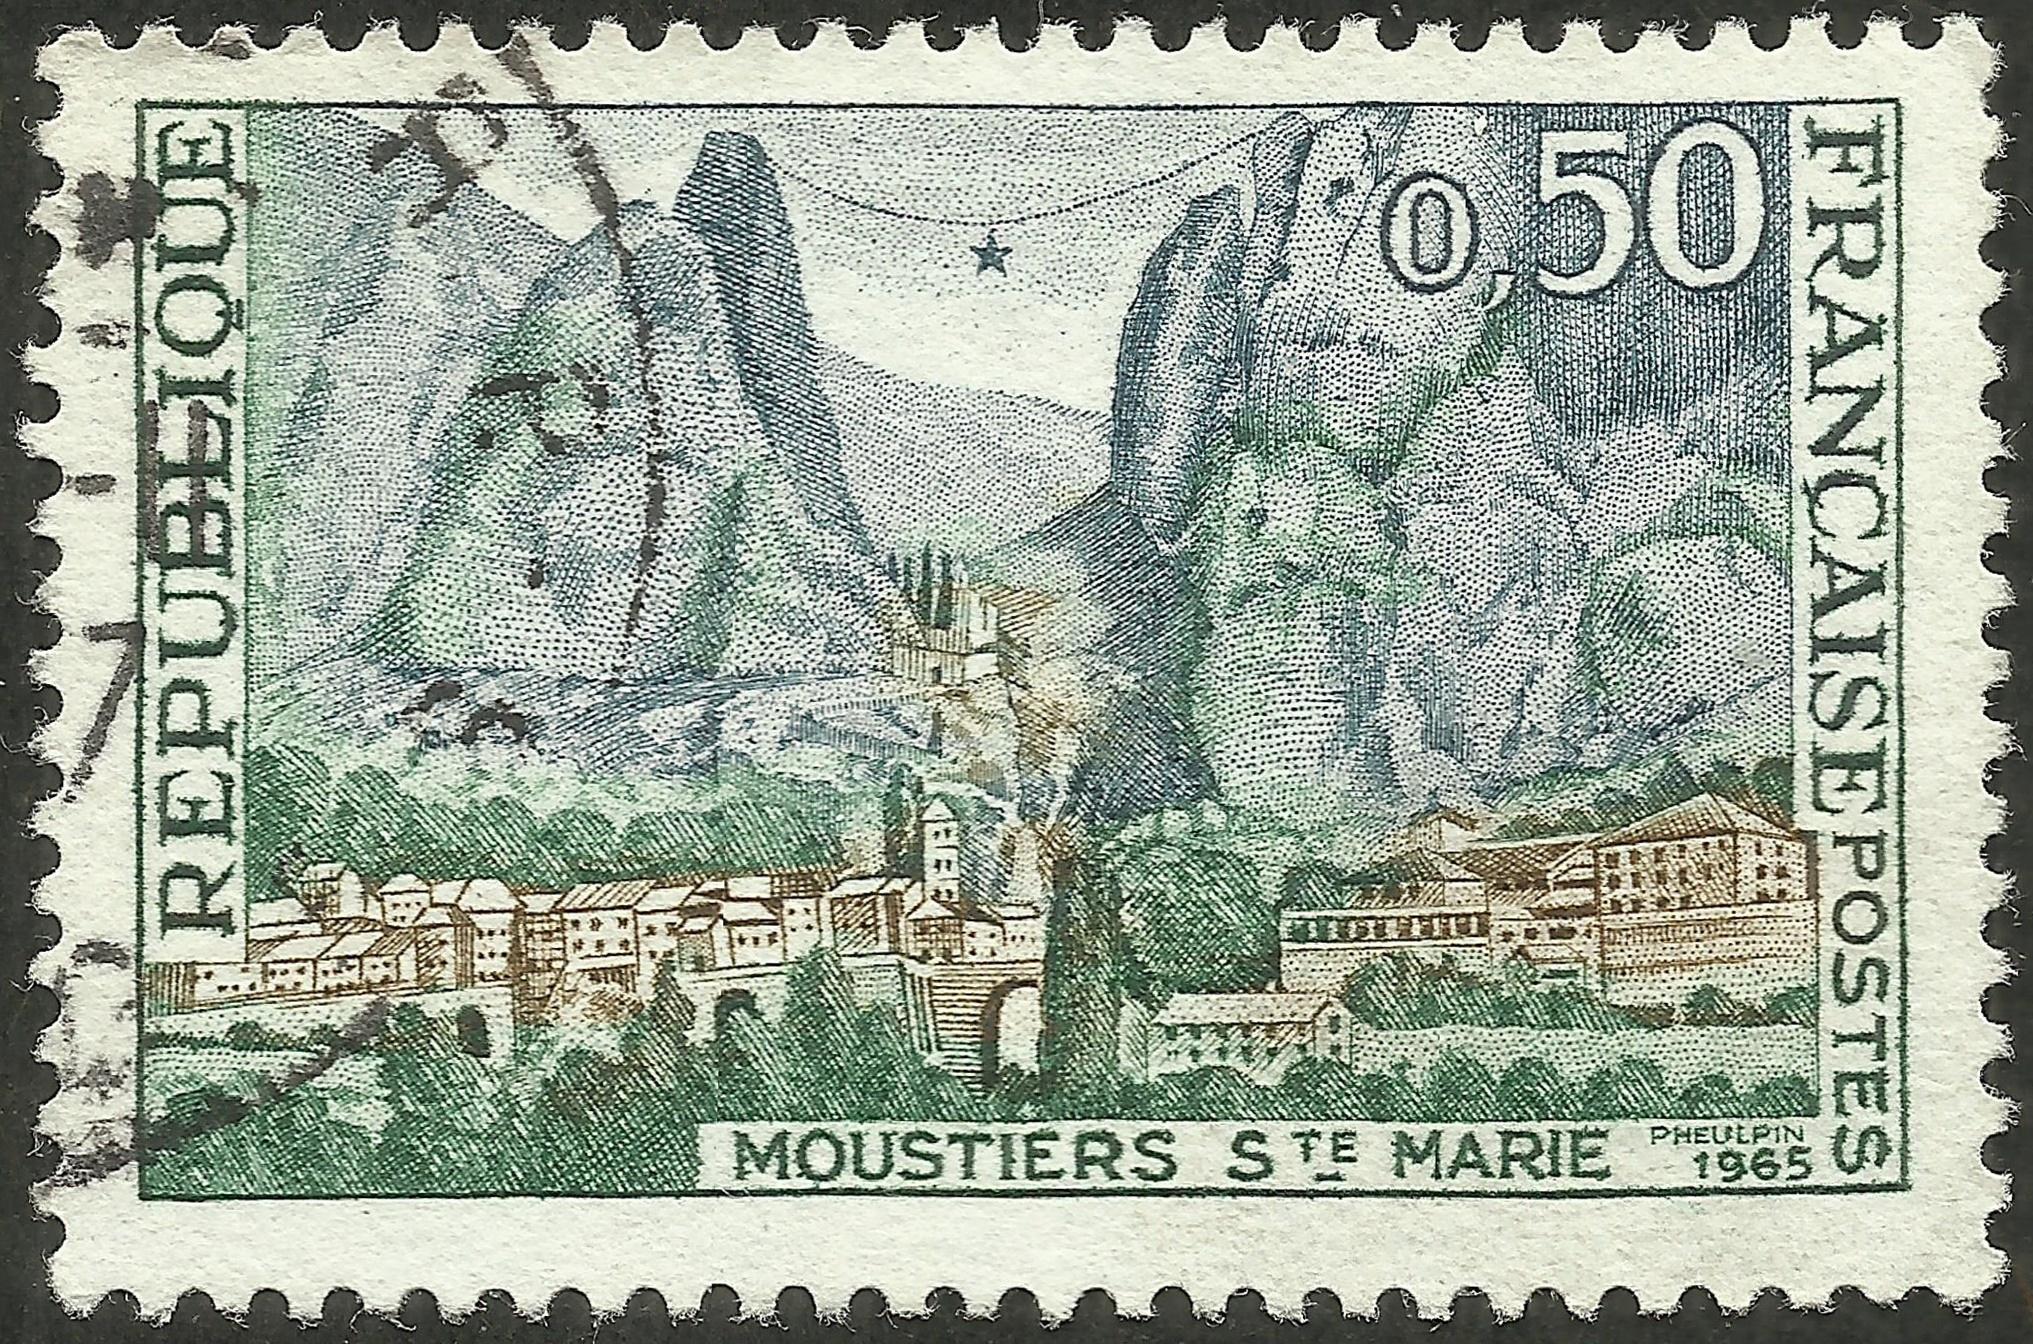 France - Scott #1126 (1965)